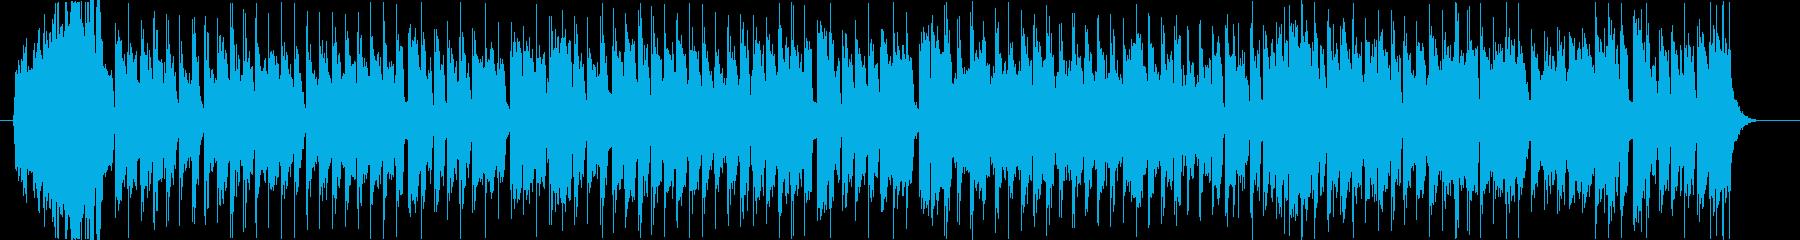 ブラスバンドアレンジの入場行進曲ですの再生済みの波形